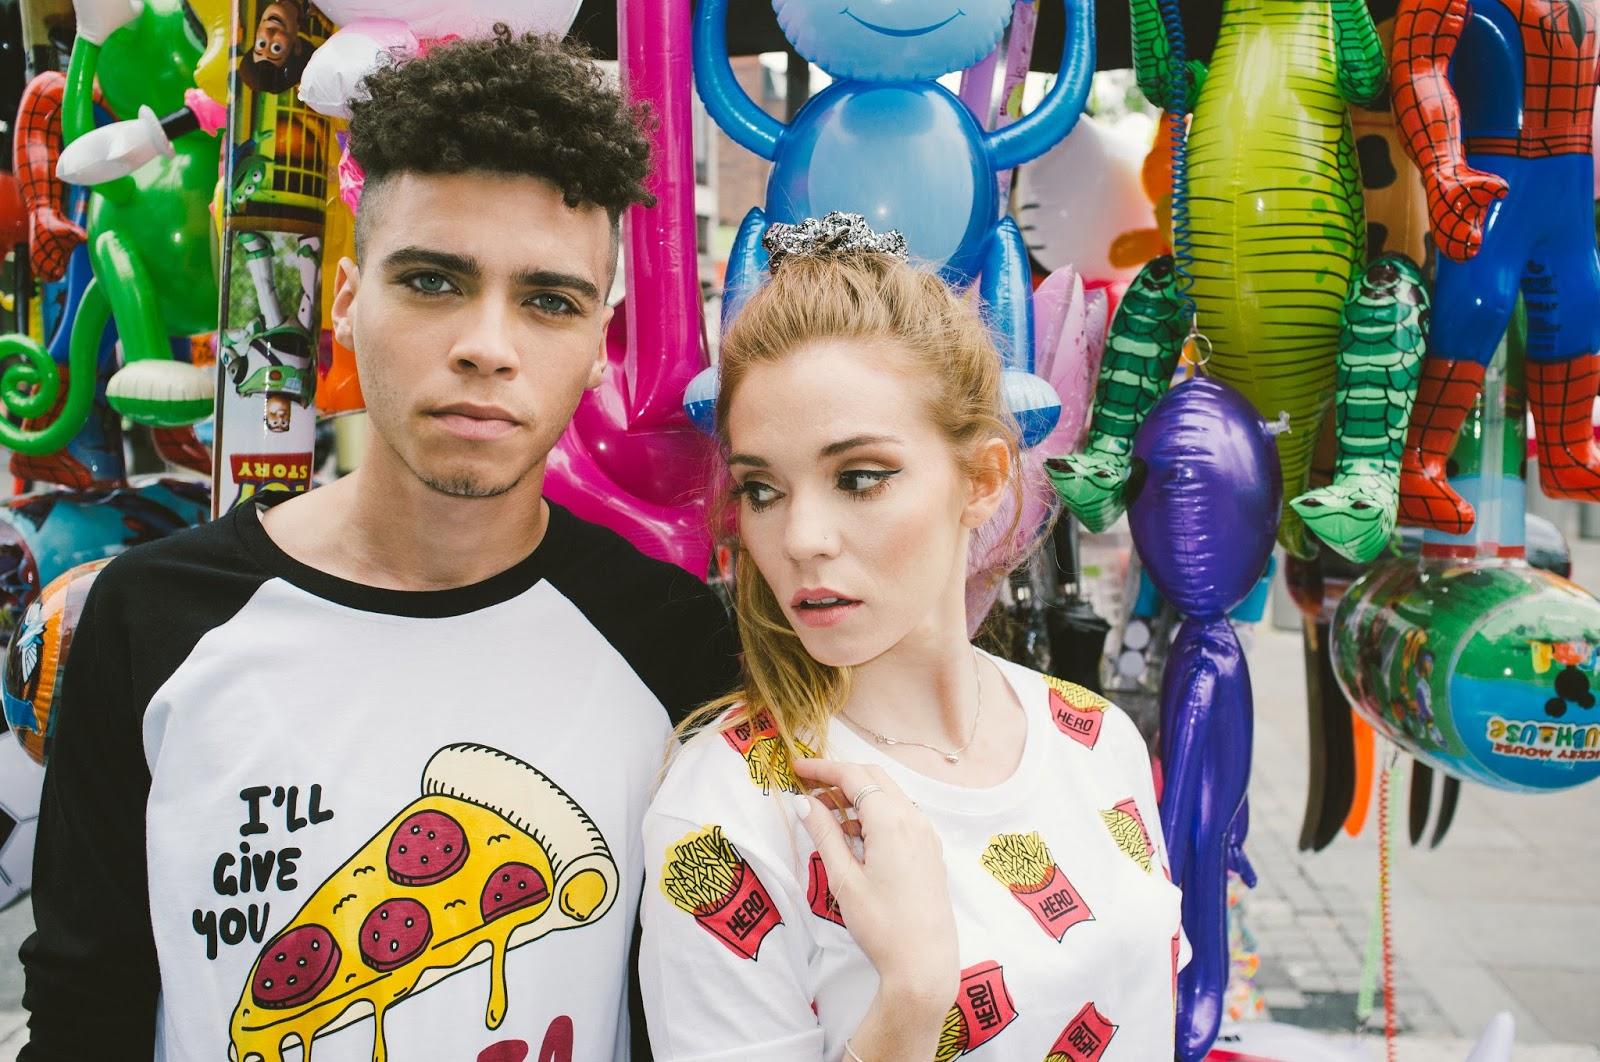 quirky tshirt, fast food fashion trend, french fries tshirt, british fashion label, cool tshirts